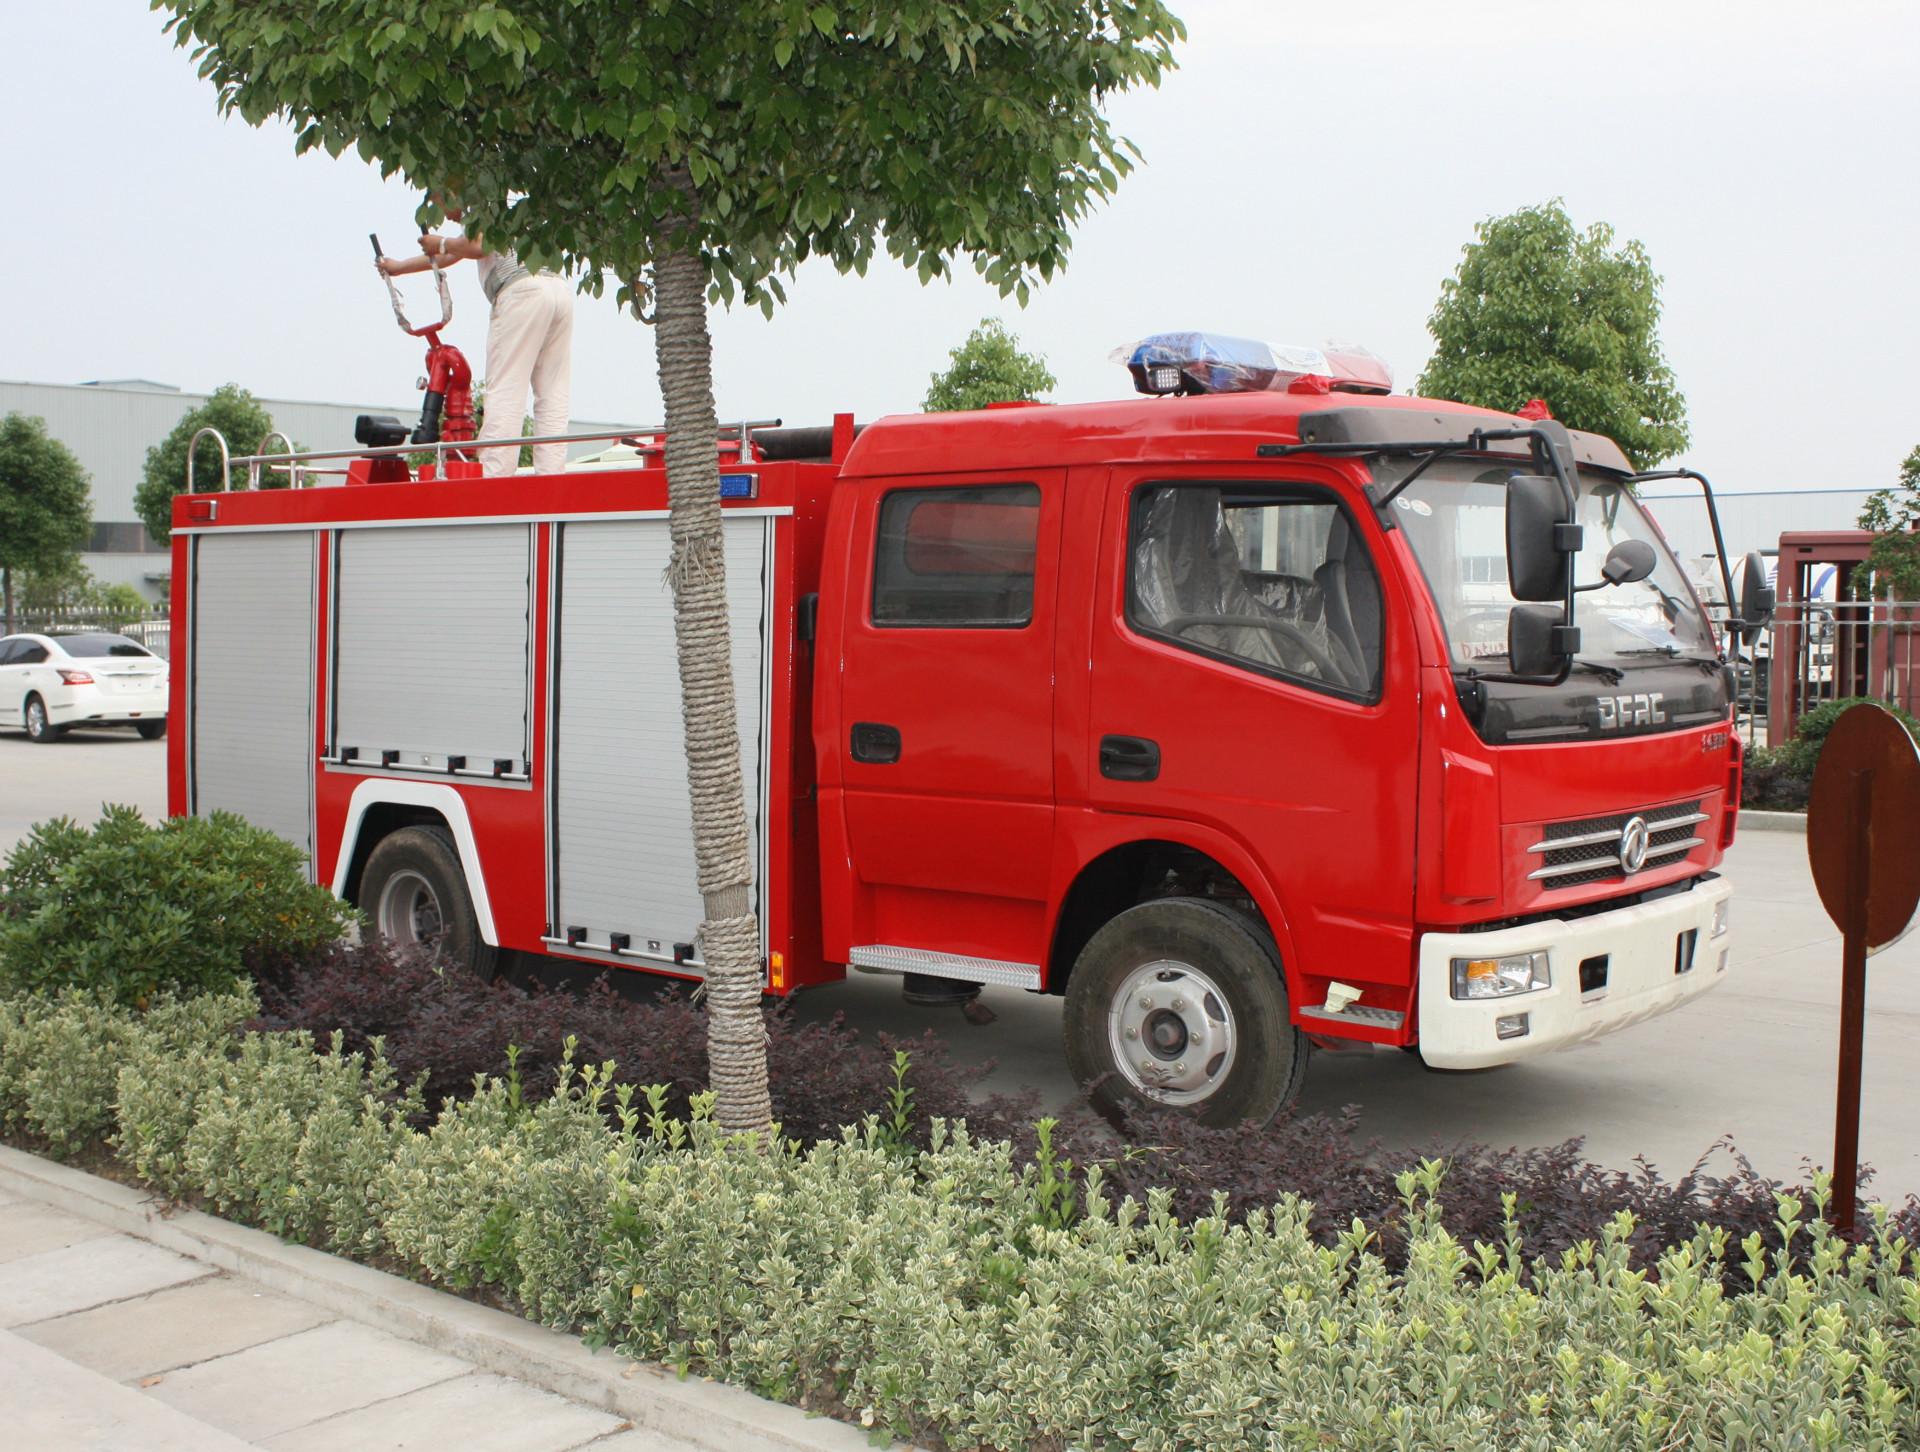 橡皮泥手工制作图片消防车